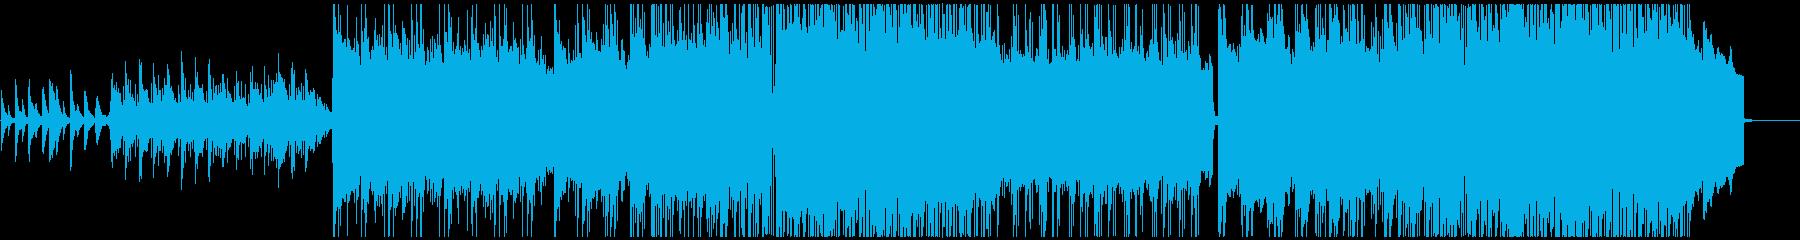 切なくきれいなピアノインスト曲の再生済みの波形